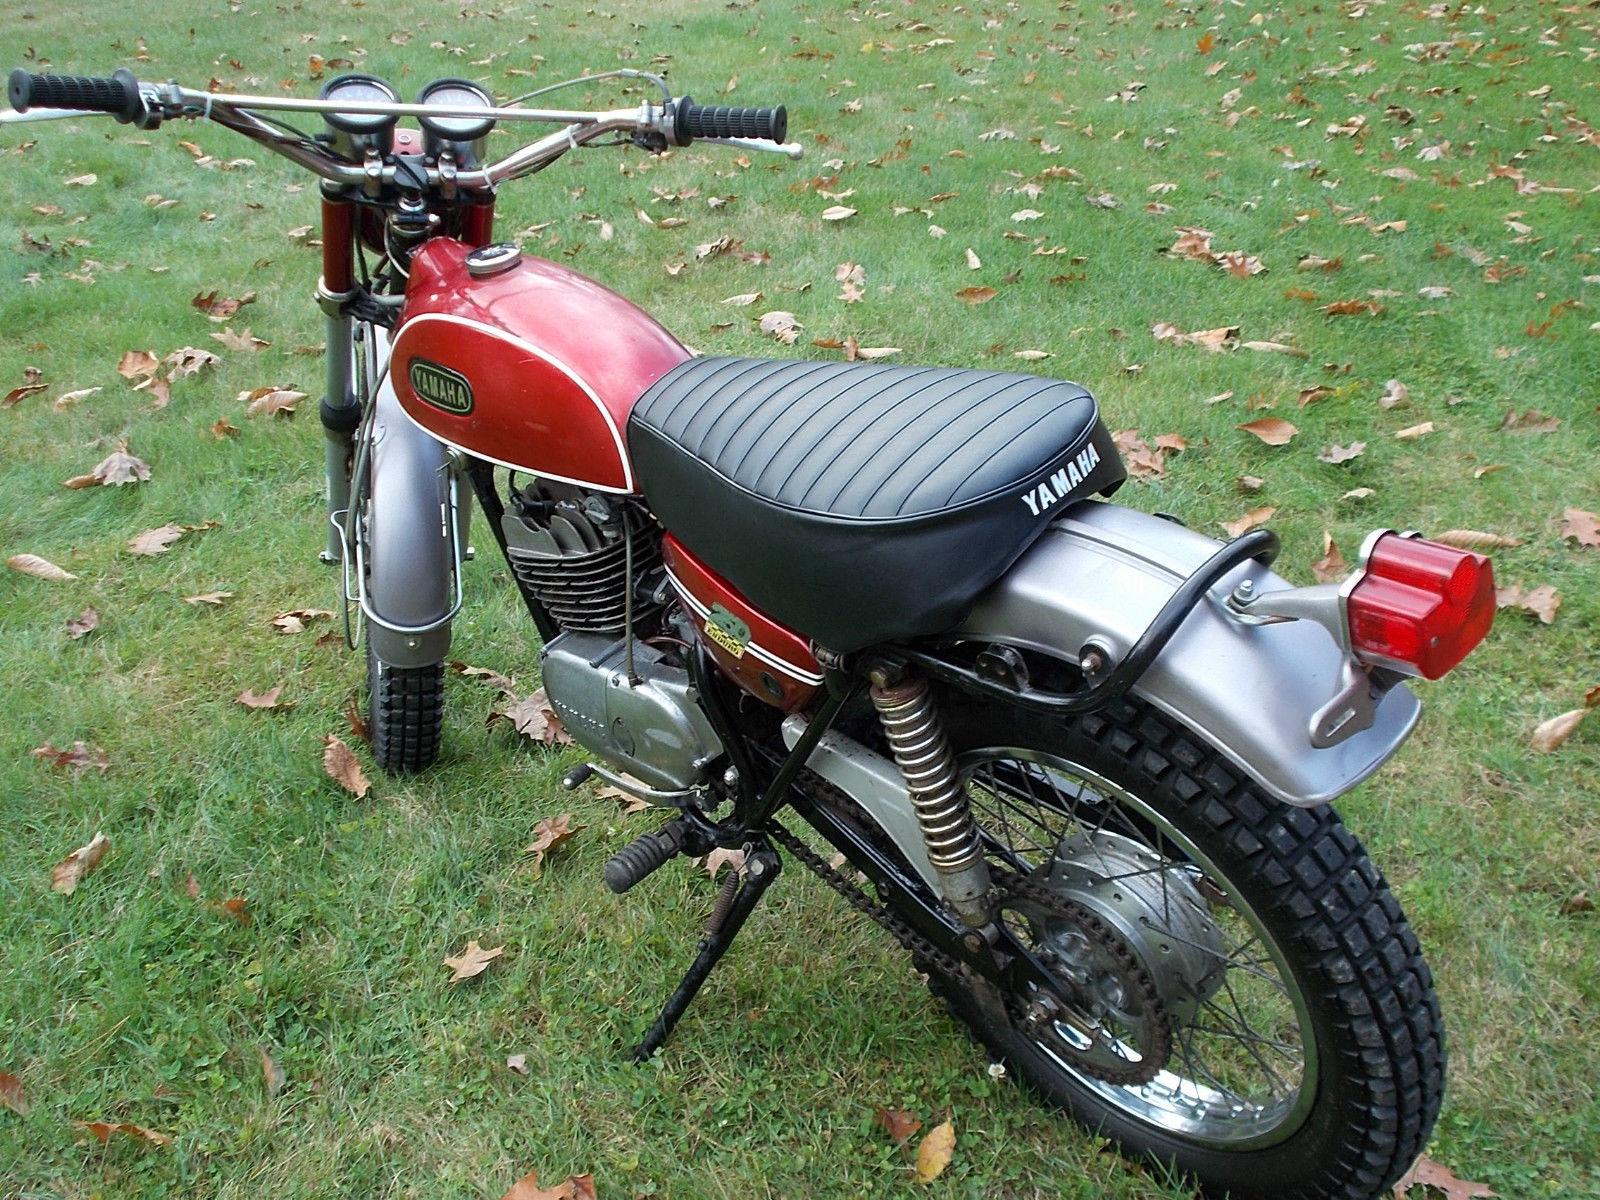 1970 yamaha dt 1 250 enduro clean vintage bike survivor for Yamaha dt 250 for sale